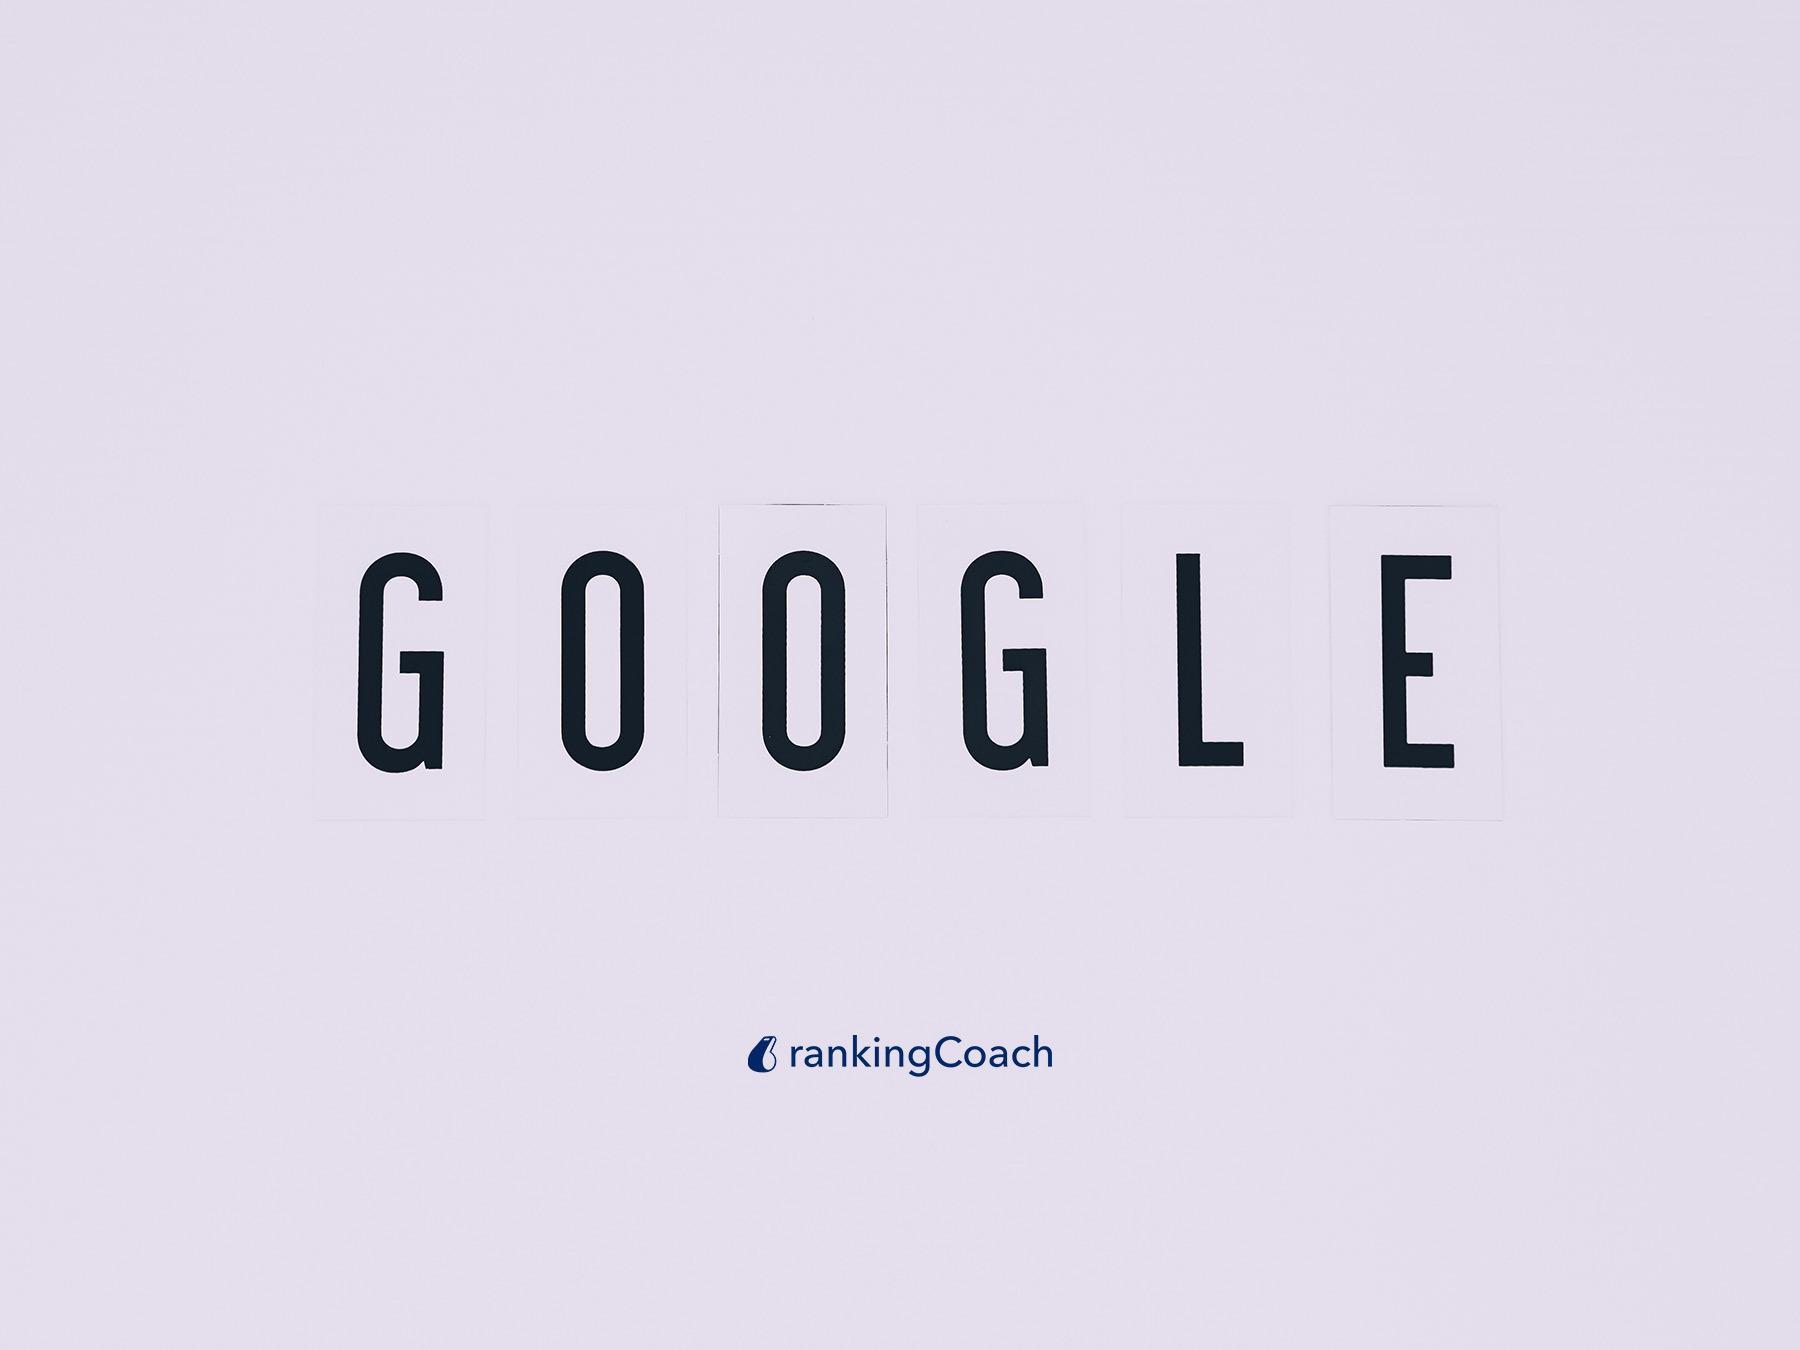 ¿Cómo puedo hacer anuncios gratis en Google?